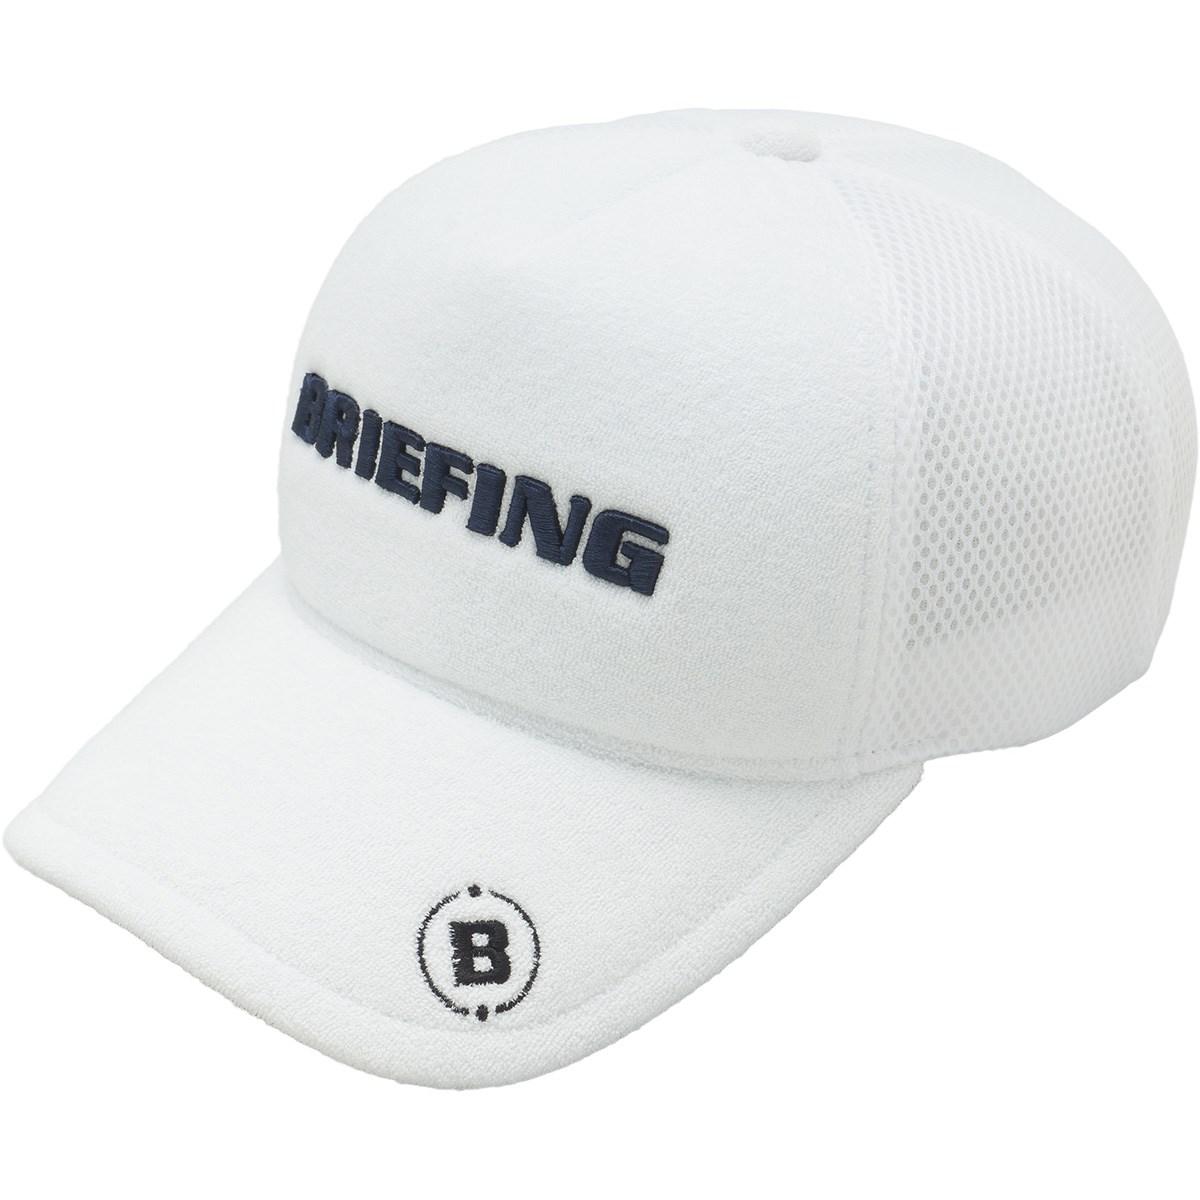 ブリーフィング BRIEFING パイルメッシュキャップ フリー ホワイト